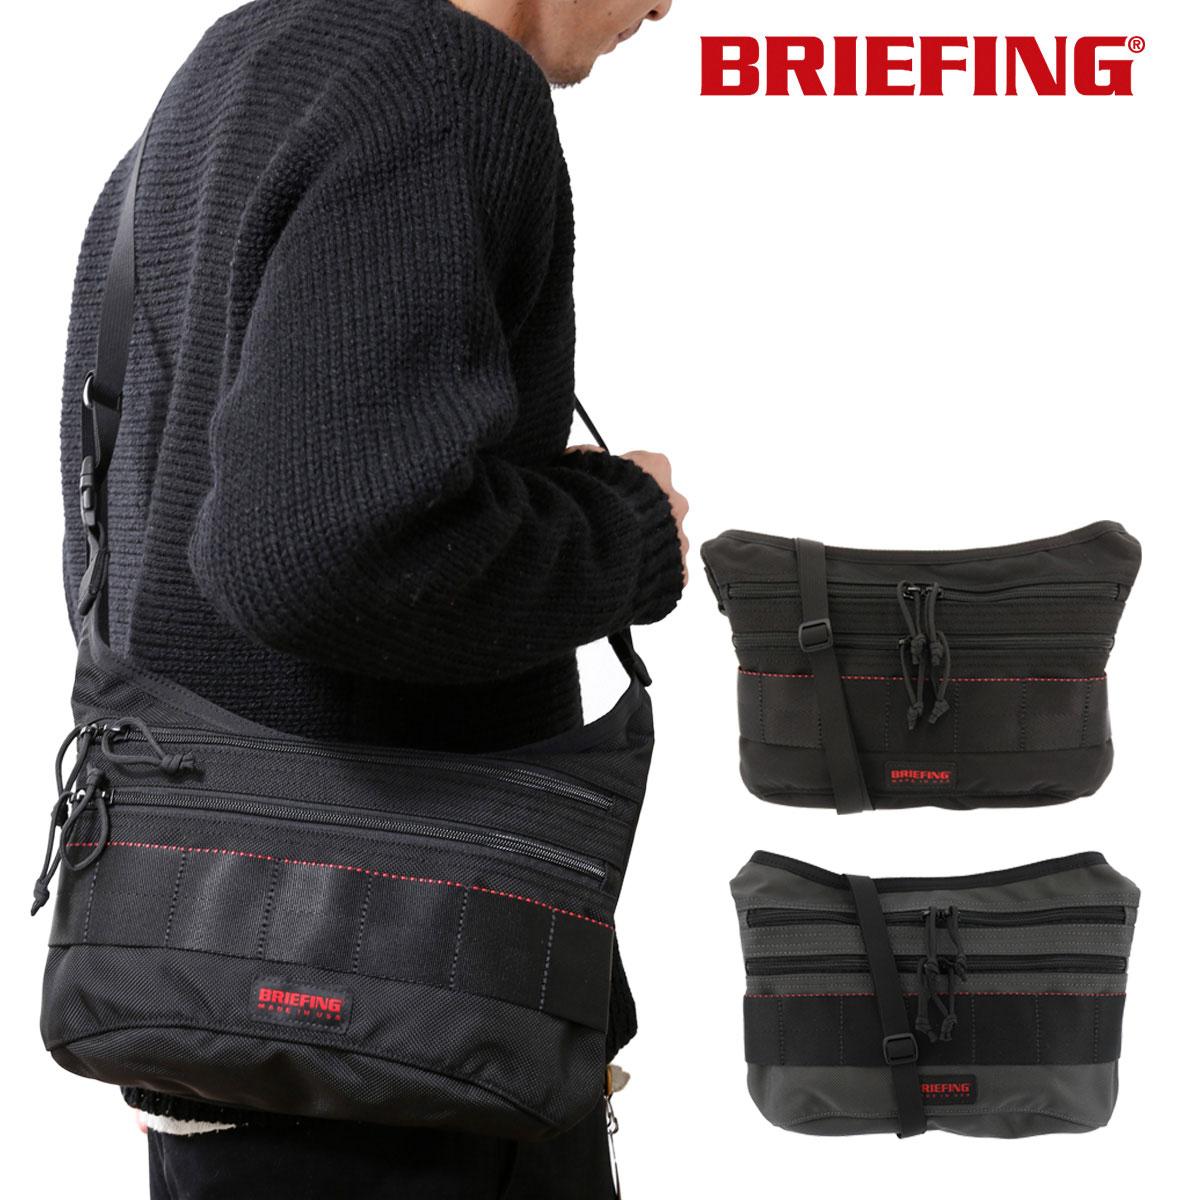 ブリーフィング ショルダーバッグ USA メンズ BRM183210 BRIEFING | FIN 軽量 コンパクト ナイロン[bef][即日発送]